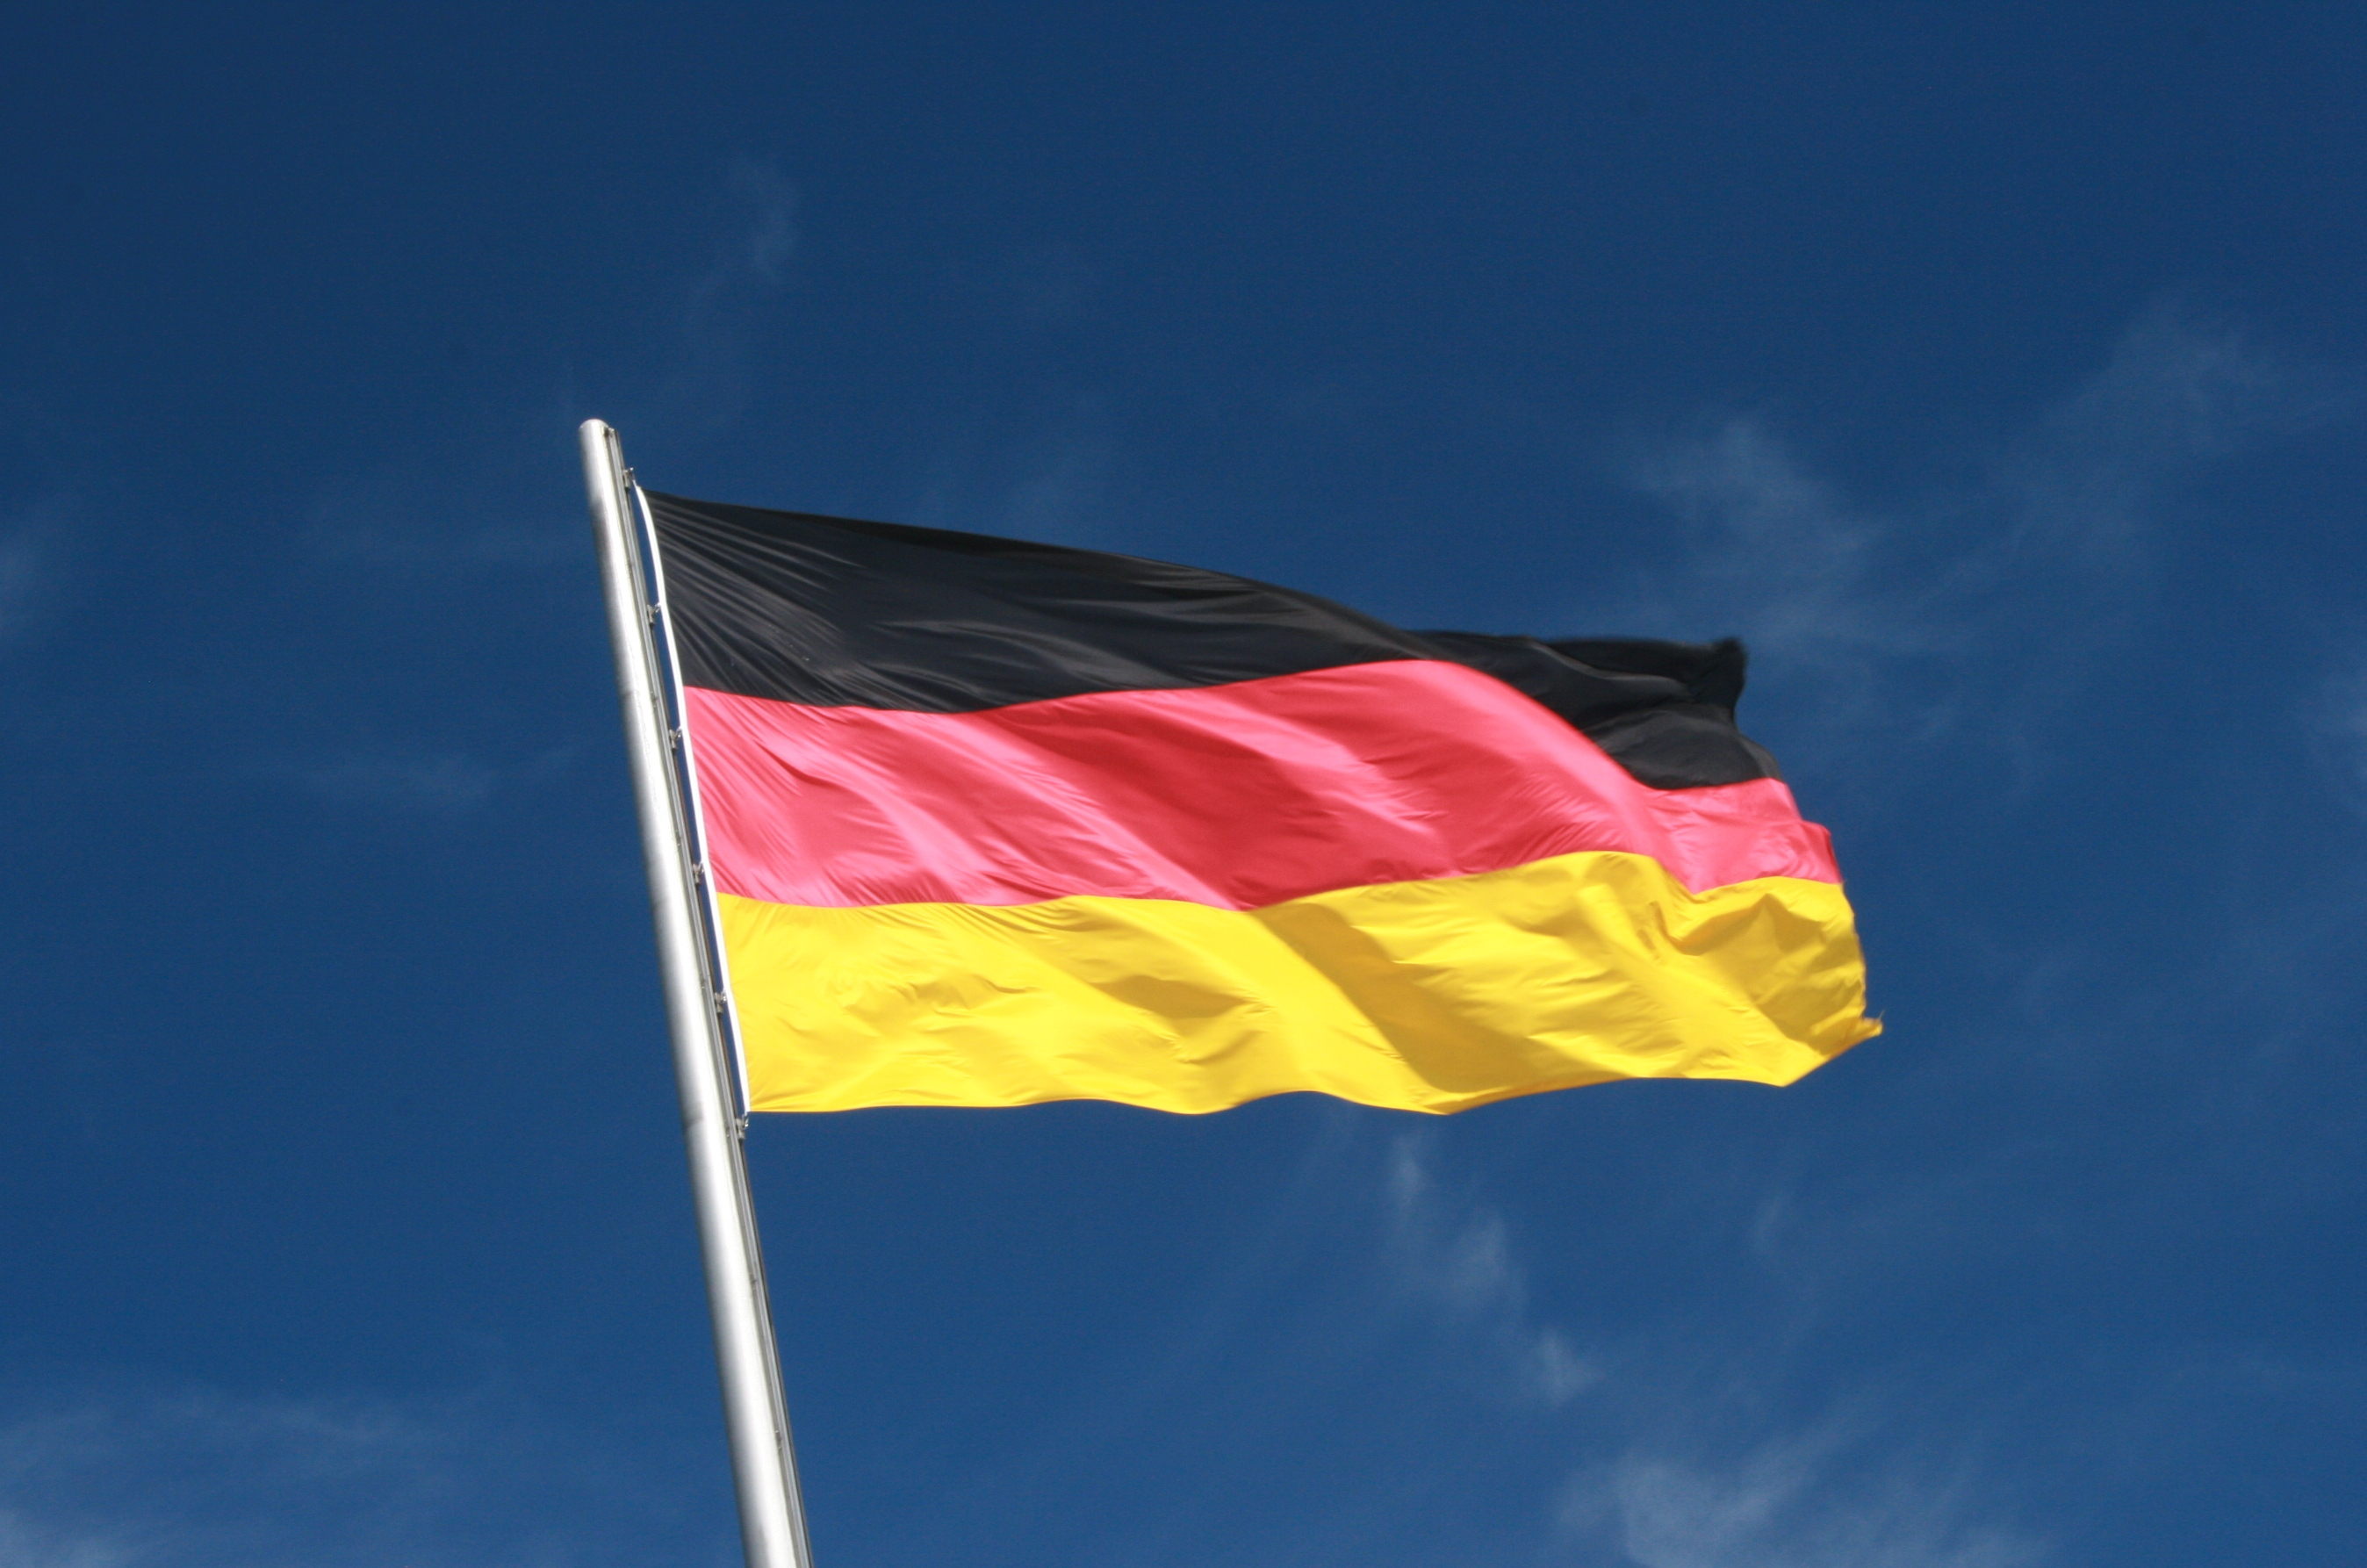 प्लॅस्टिक निर्यातीत दुसऱ्या नंबरचा देश आहे तो म्हणजे जर्मनी. एकूण बाजारात जर्मनीचा 12.6 टक्के भागीदारी आहे. जर्मनीचा सुमारे 9.9 अरब डॉलर व्यवसाय प्लॅस्टिक निर्यातीमुळे होतो.